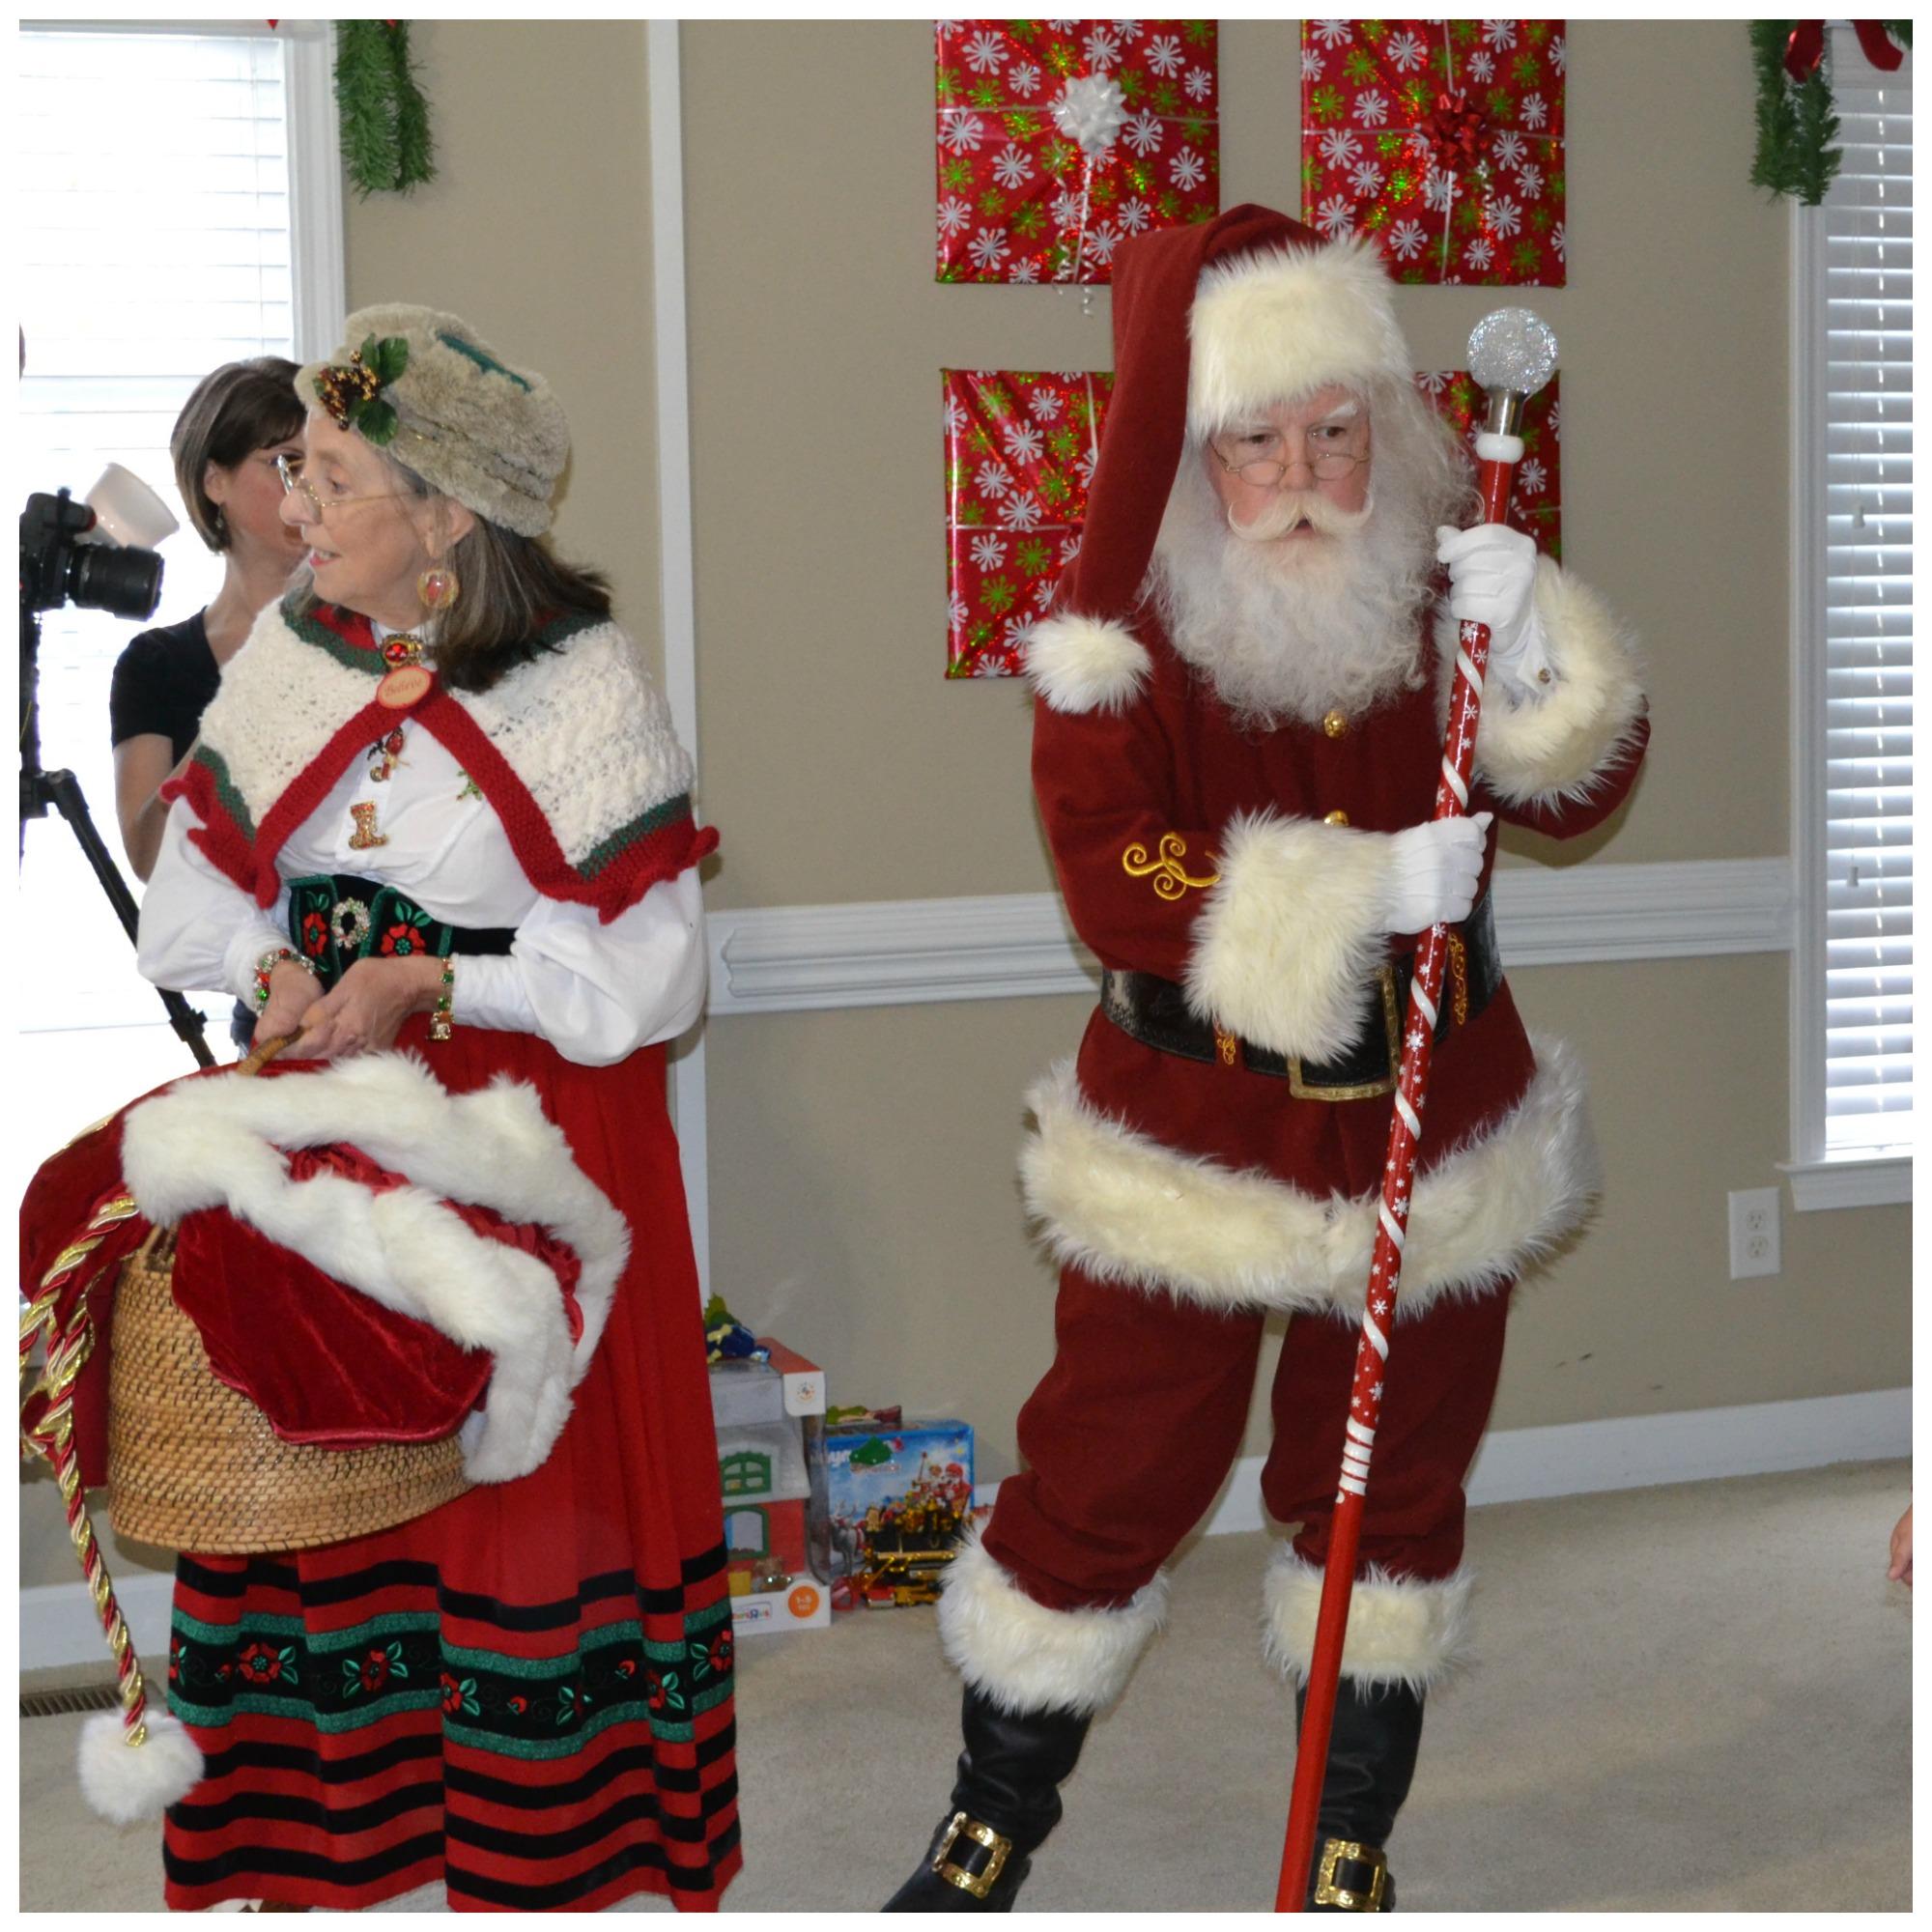 Christmas, parties, Santa Claus